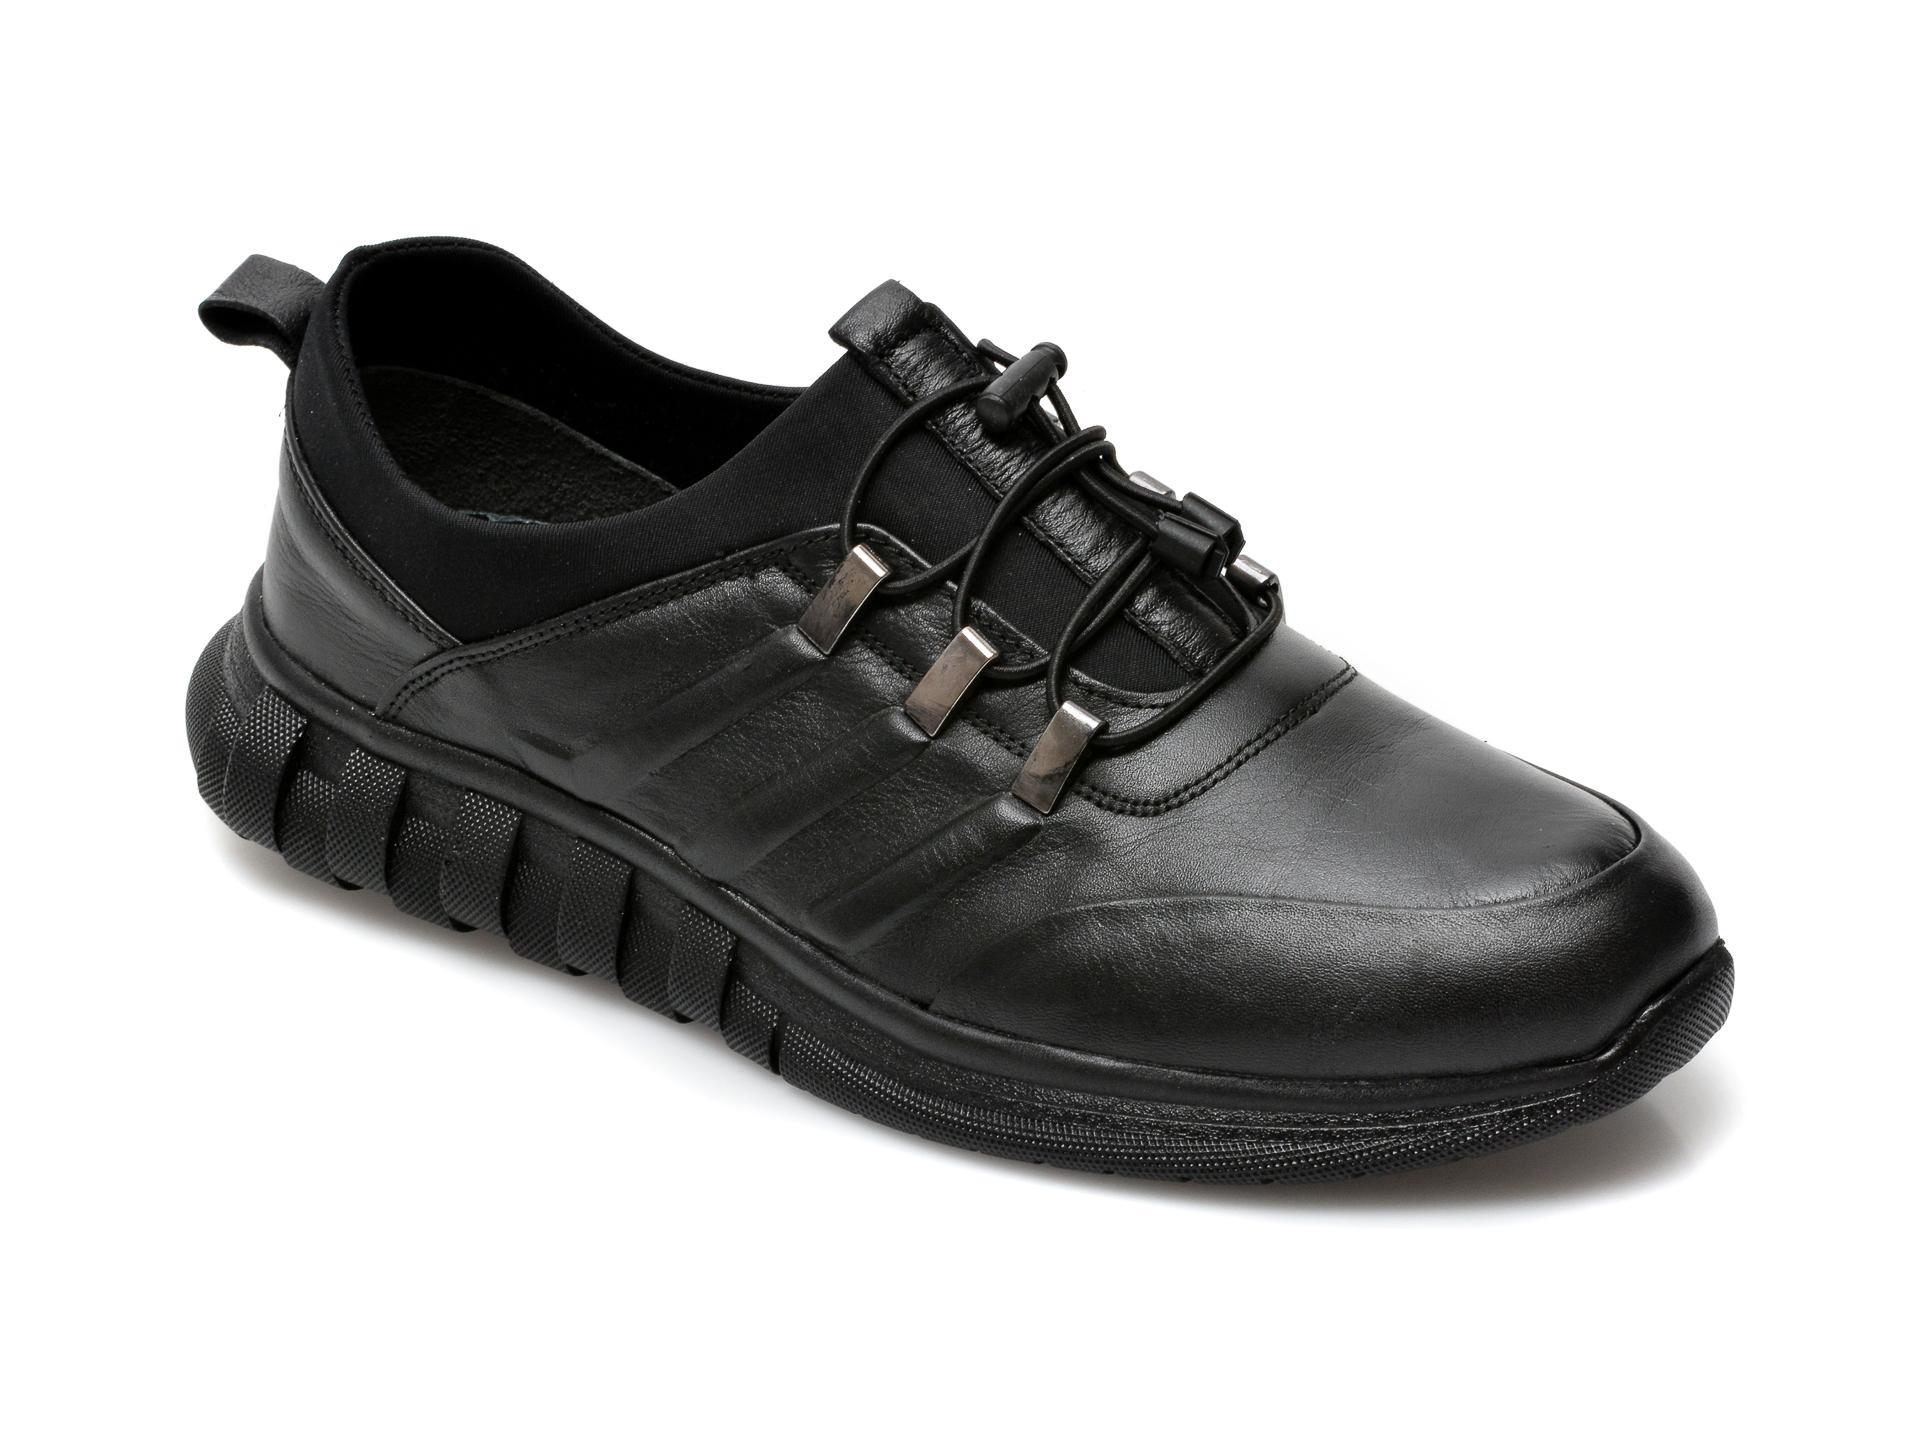 Pantofi GRYXX negri, SYR102, din piele naturala imagine otter.ro 2021